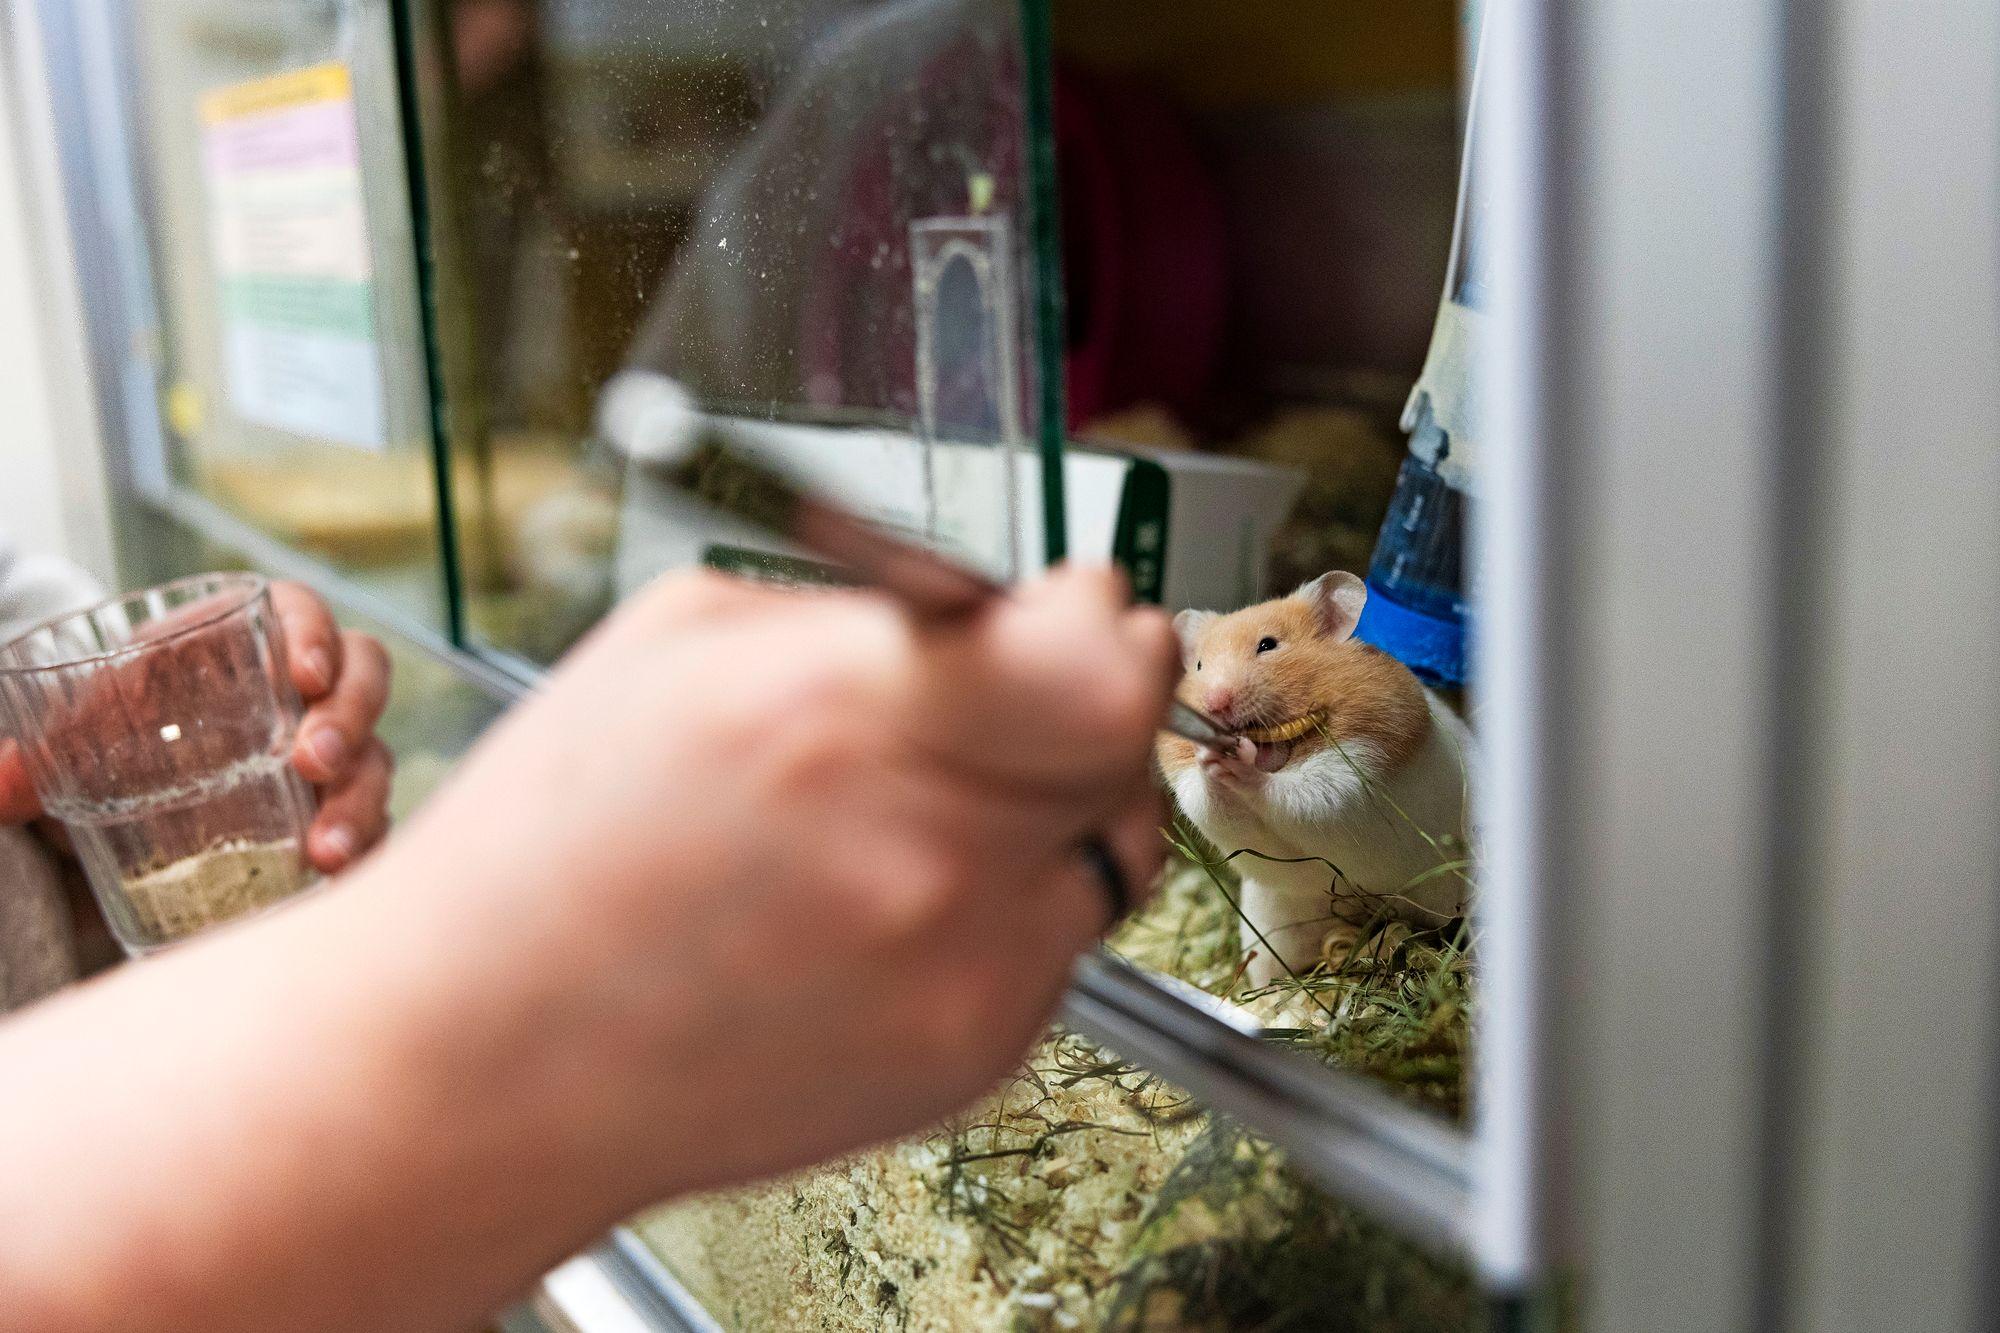 Nam nam! Syyrianhamsterille maistuu elävä toukka. Rehuhyönteiset kelpaavat lemmikeille.© Matias Honkamaa